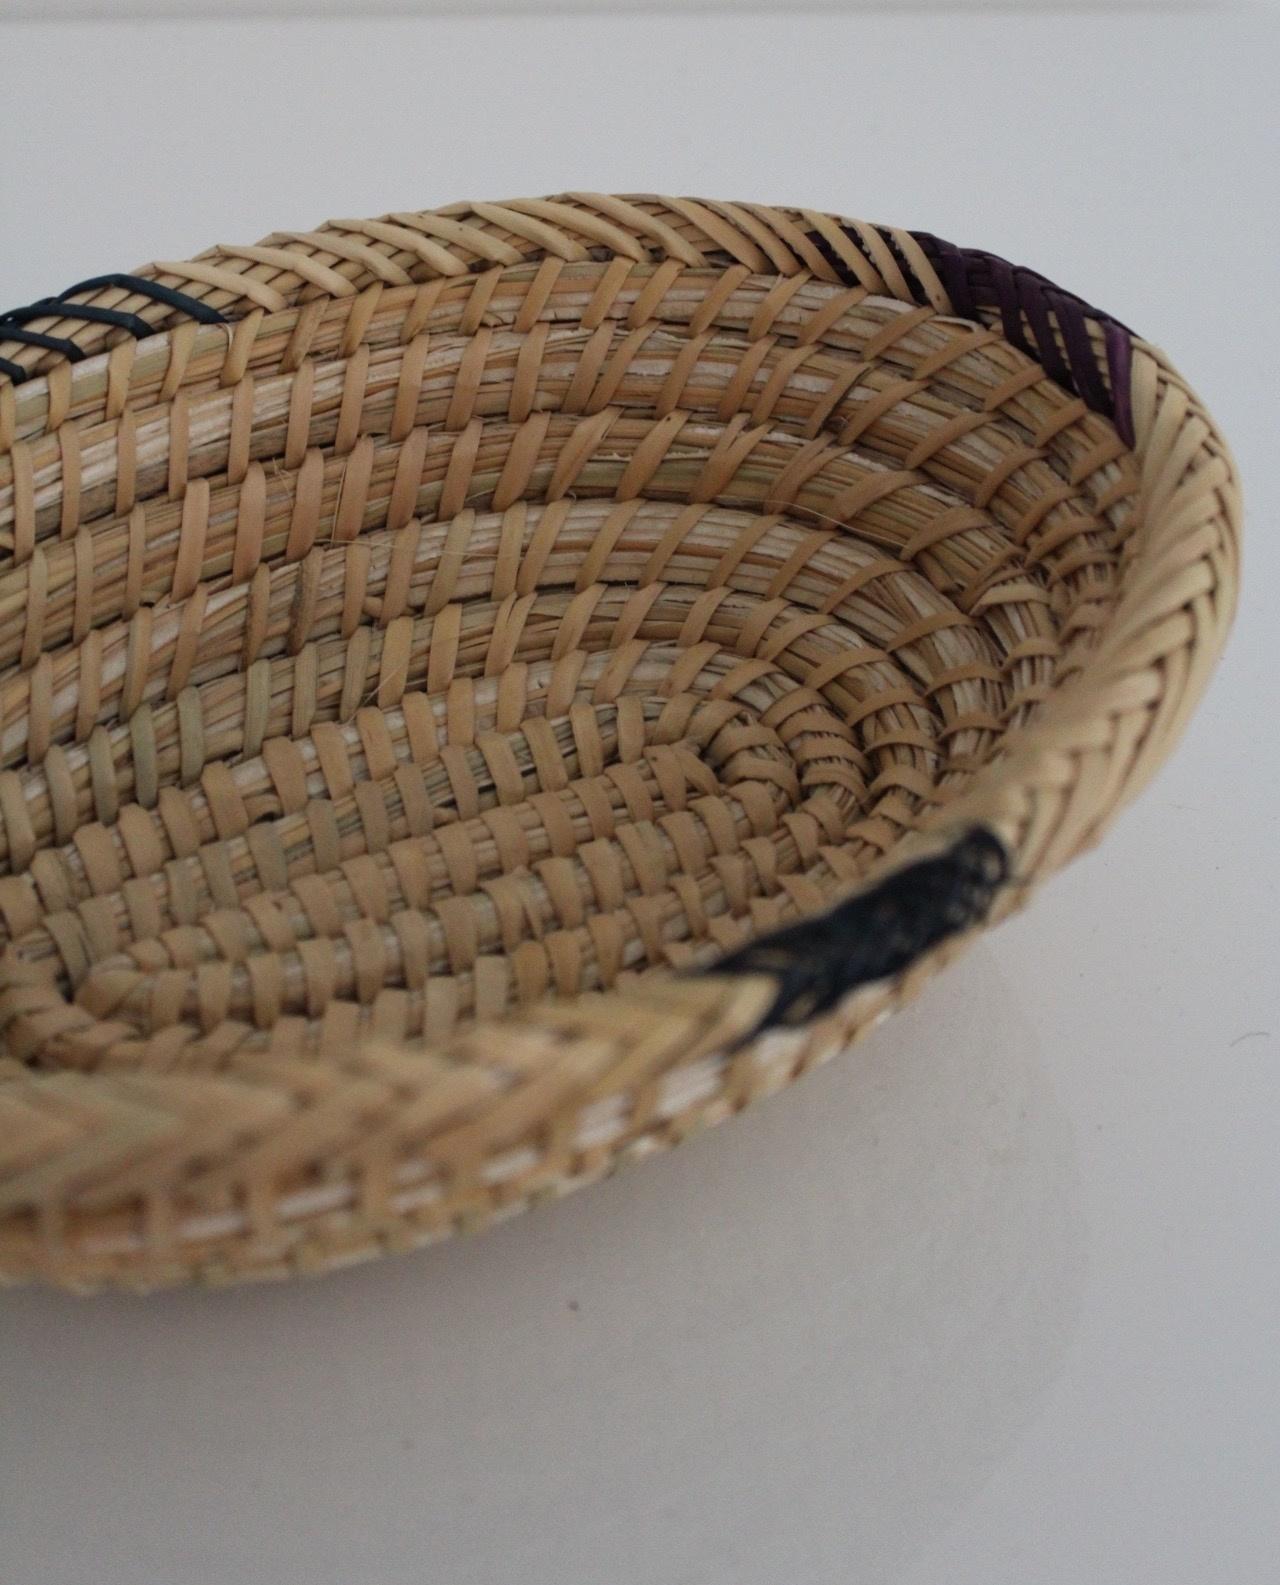 Riadlifestyle Moroccan bread basket - Copy - Copy - Copy